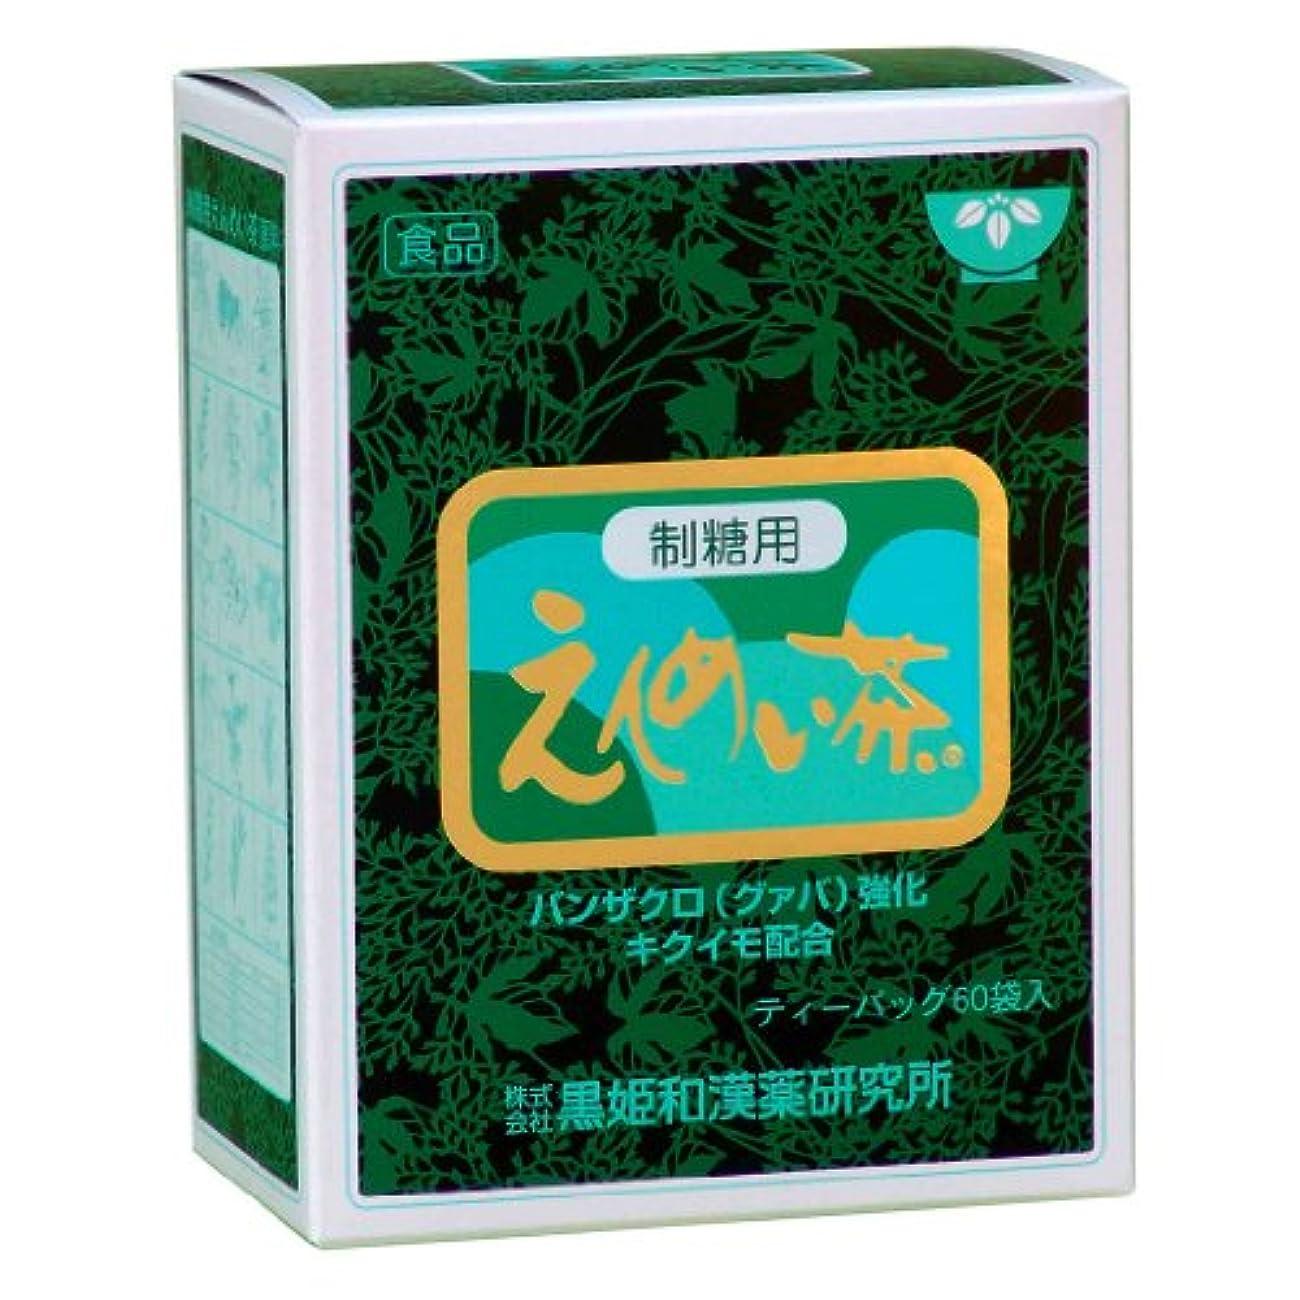 期待してボタンメッセンジャーユニマットリケン 黒姫えんめい茶制糖用 5gx60包